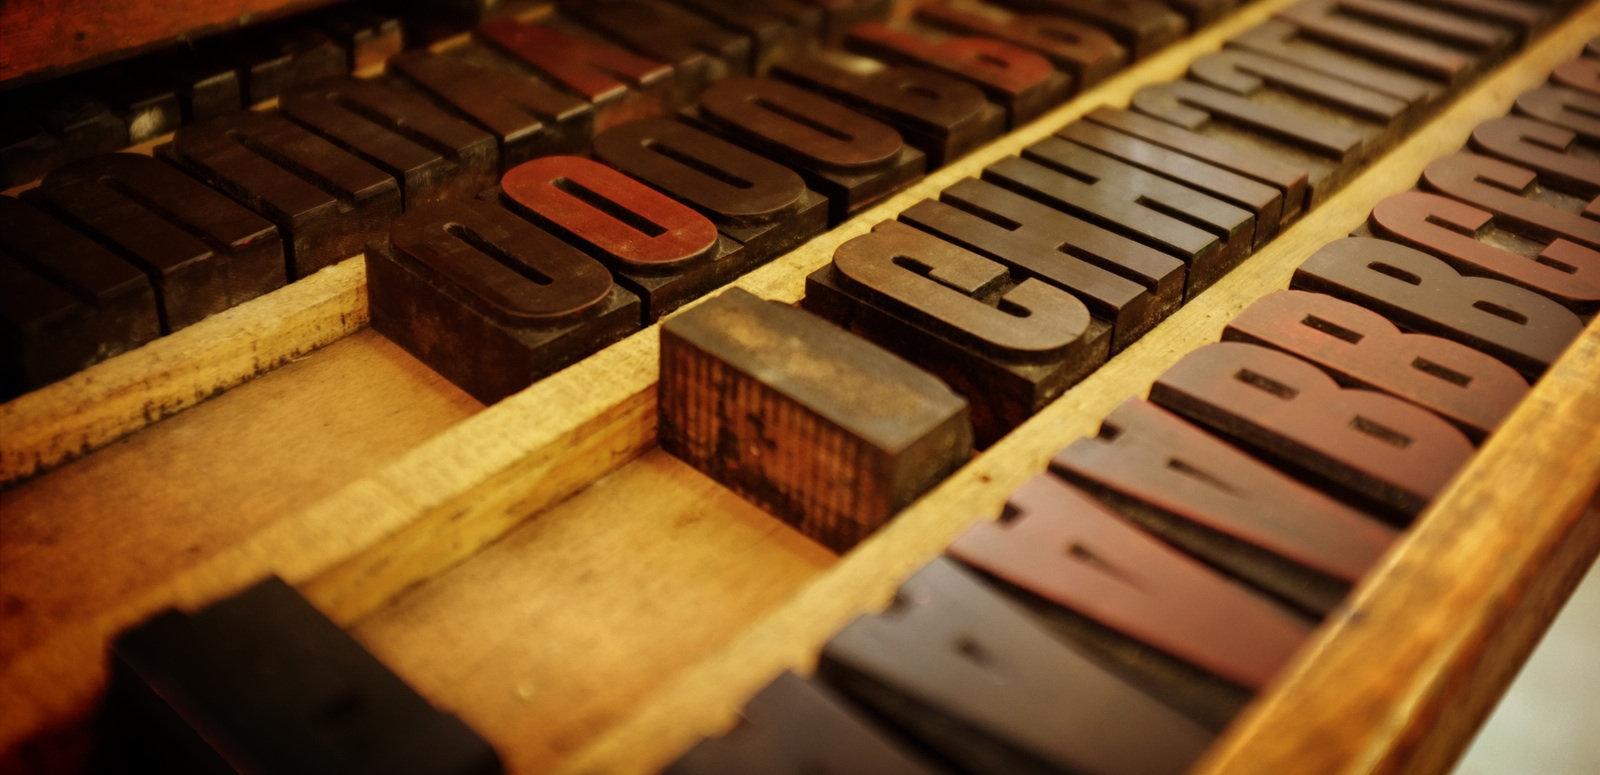 letras_moldes_imprenta